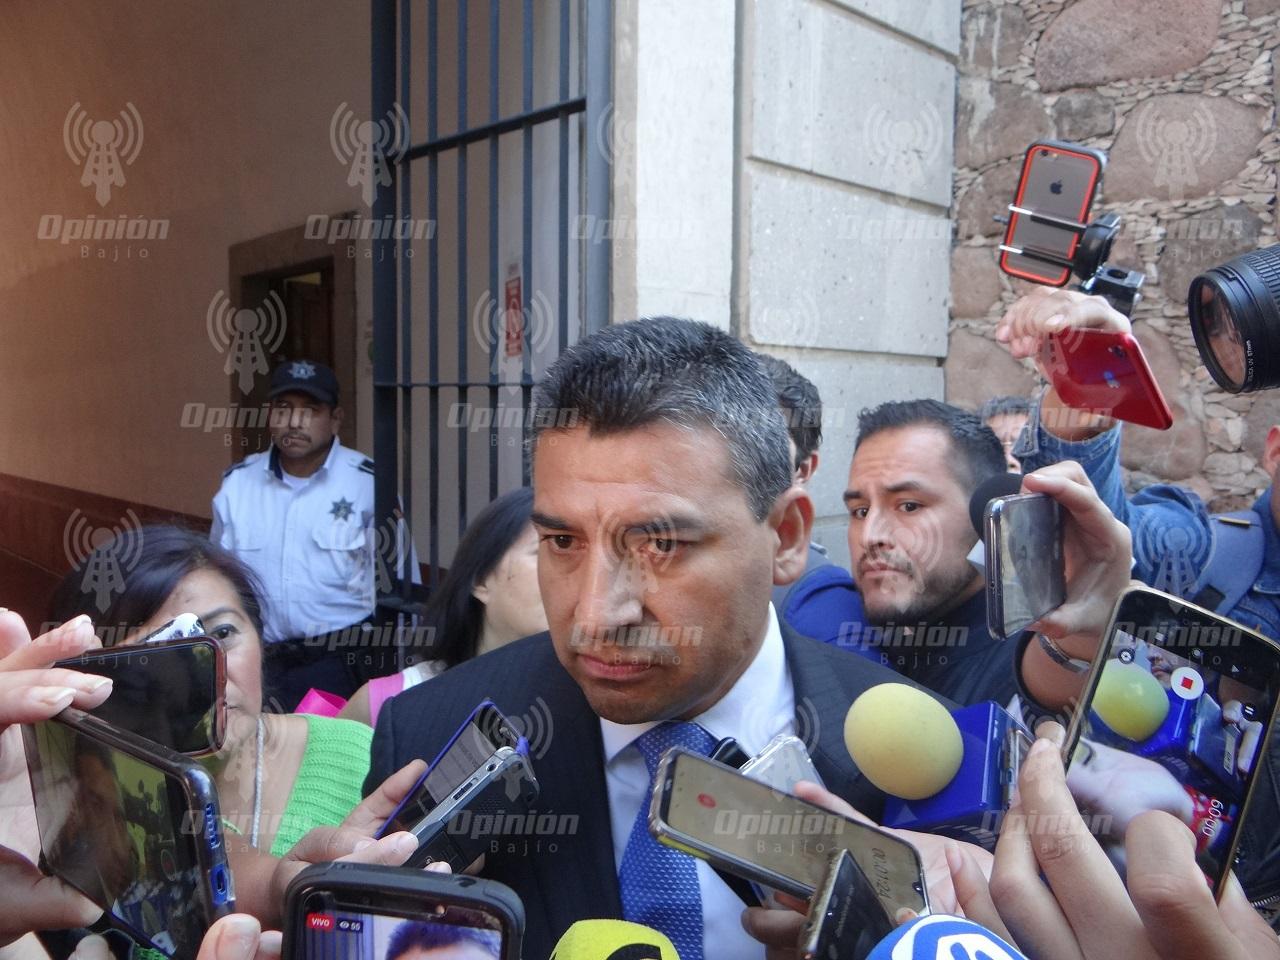 Niega Zamarripa que liberación de acusados por terrorismo en Cuerámaro abra puertas a la impunidad